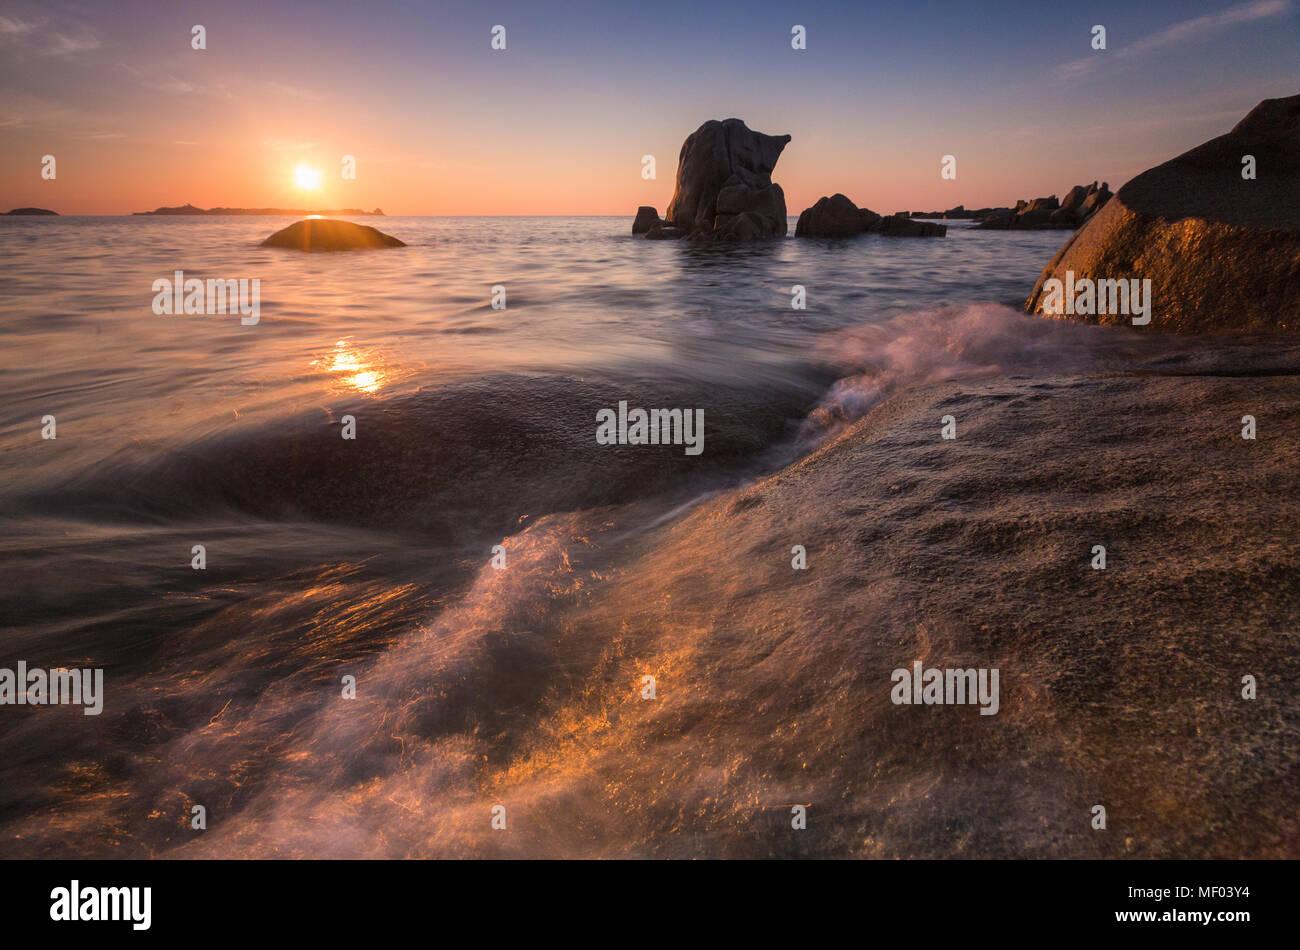 Olas rompiendo en los acantilados bajo el cielo ardiente al amanecer Punta Molentis Villasimius Cerdeña Cagliari Italia Europa Imagen De Stock